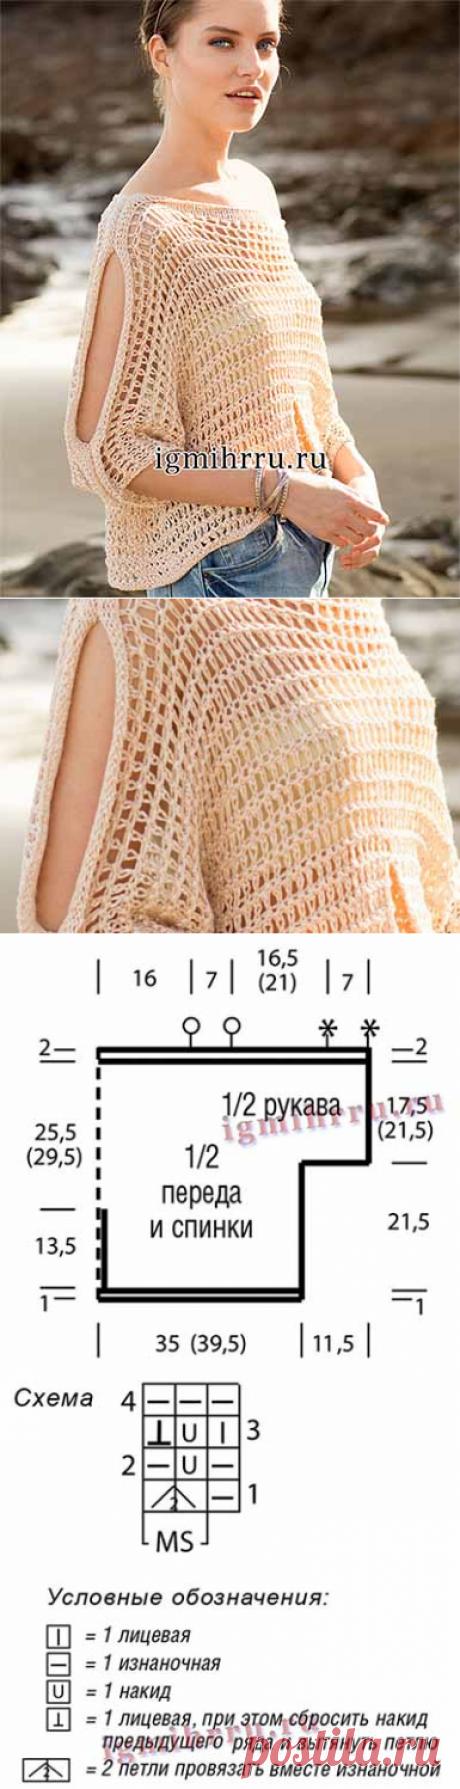 Сетчатый пуловер с разрезами